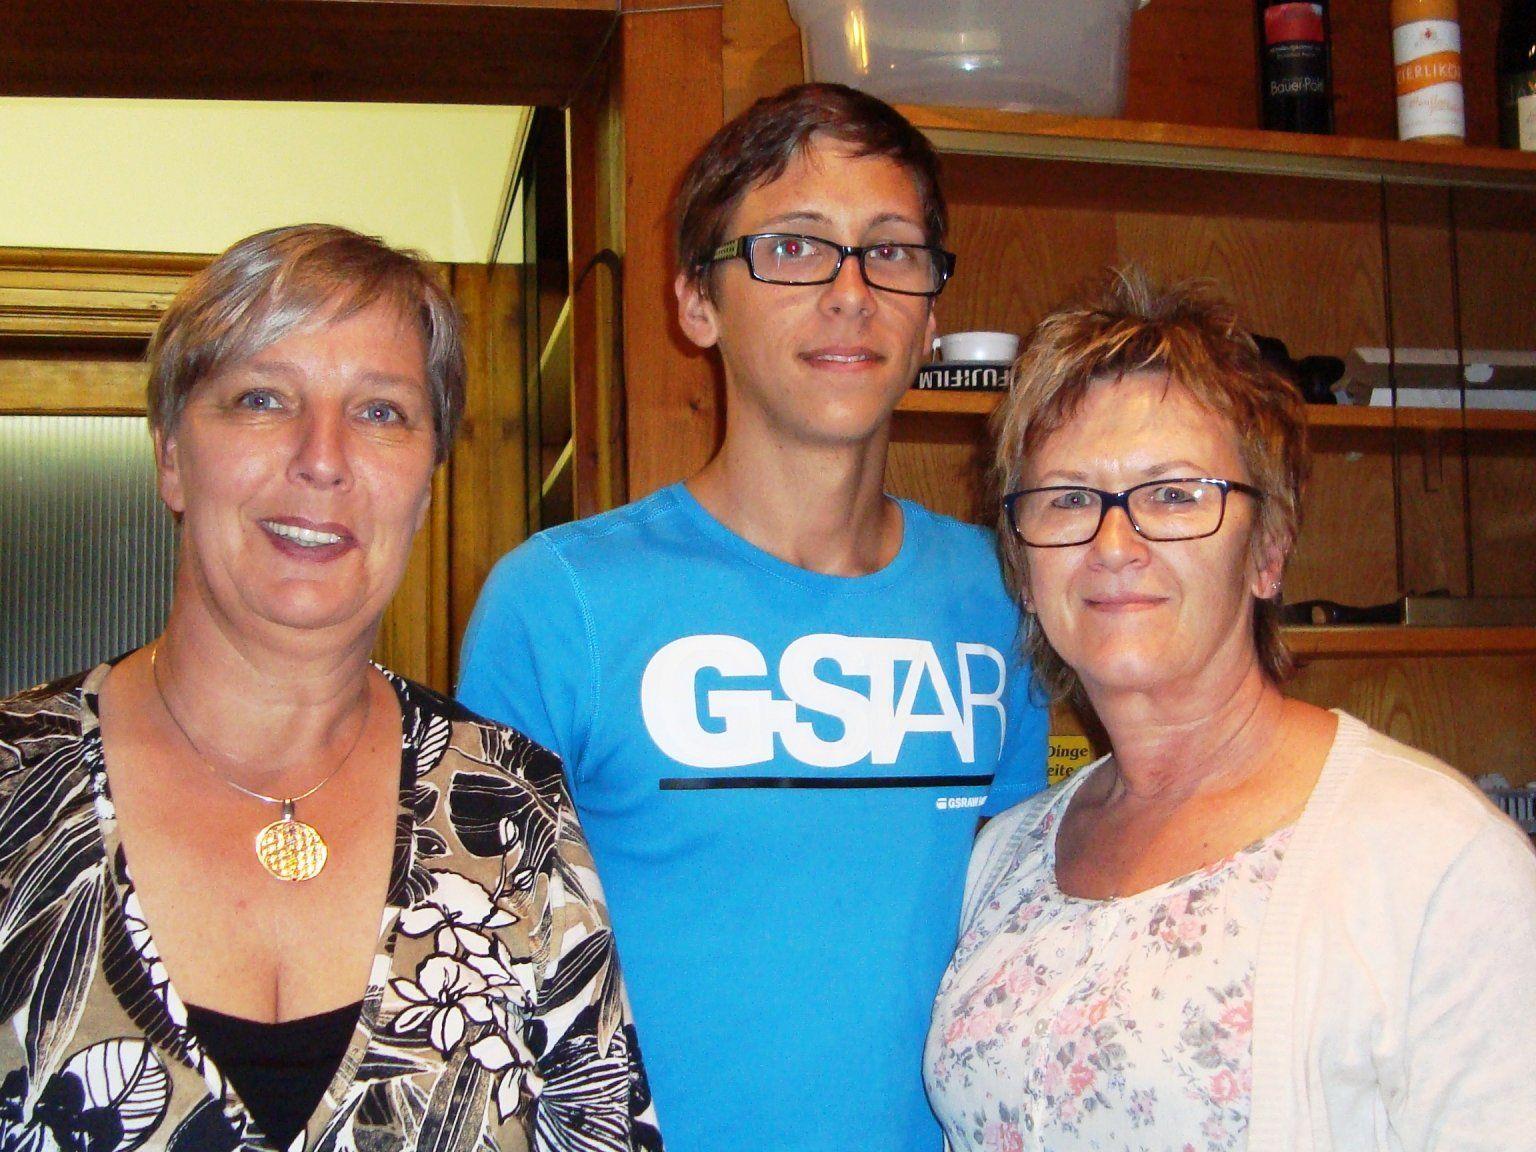 Anita Sailer vom Lebenshaus in Lingenau, Kevin Wohlgenannt und Anni Kühne